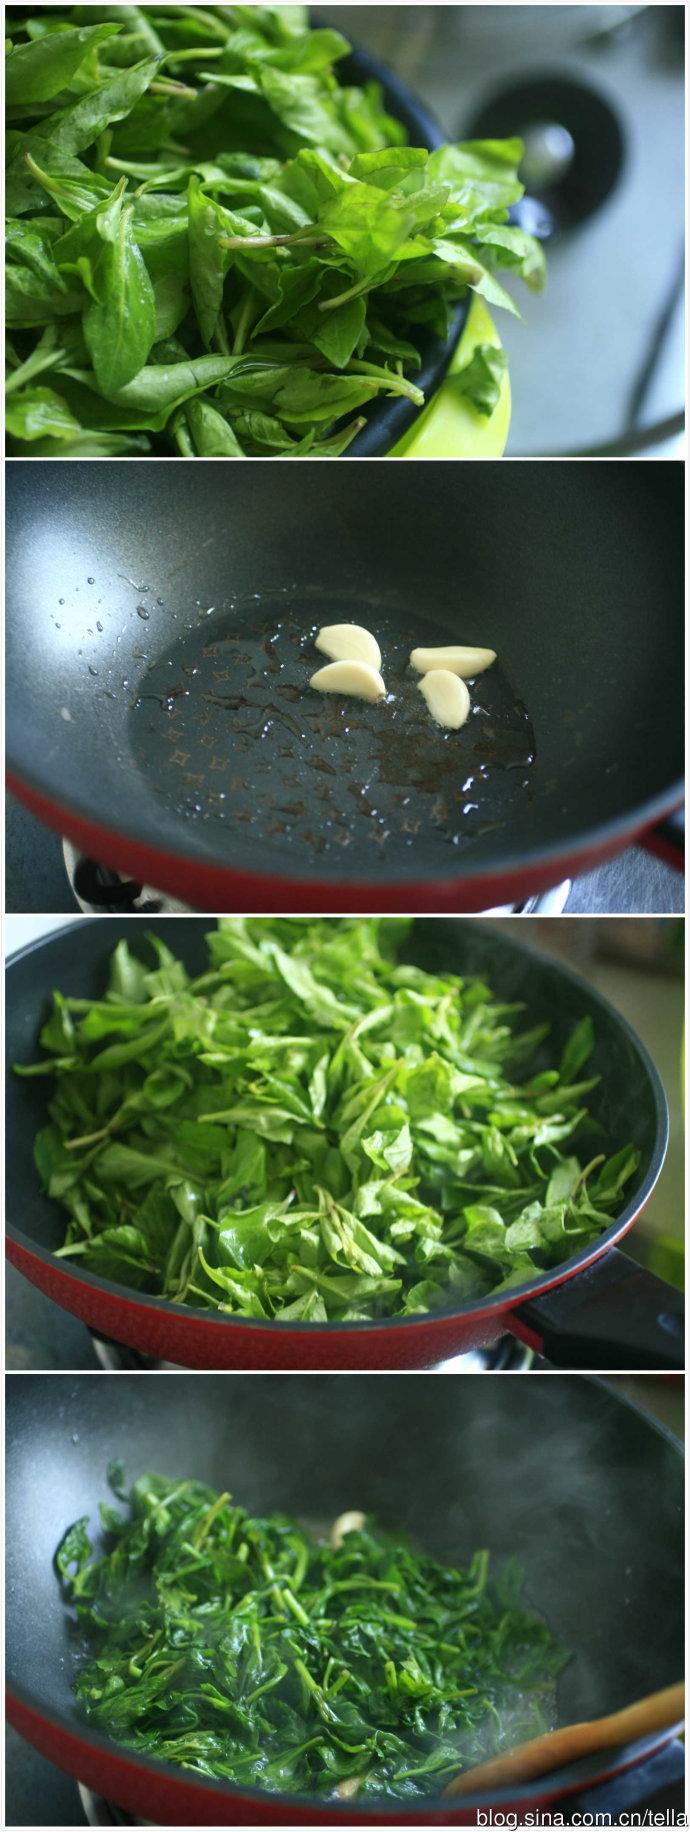 清火小野味。油盐枸杞芽。